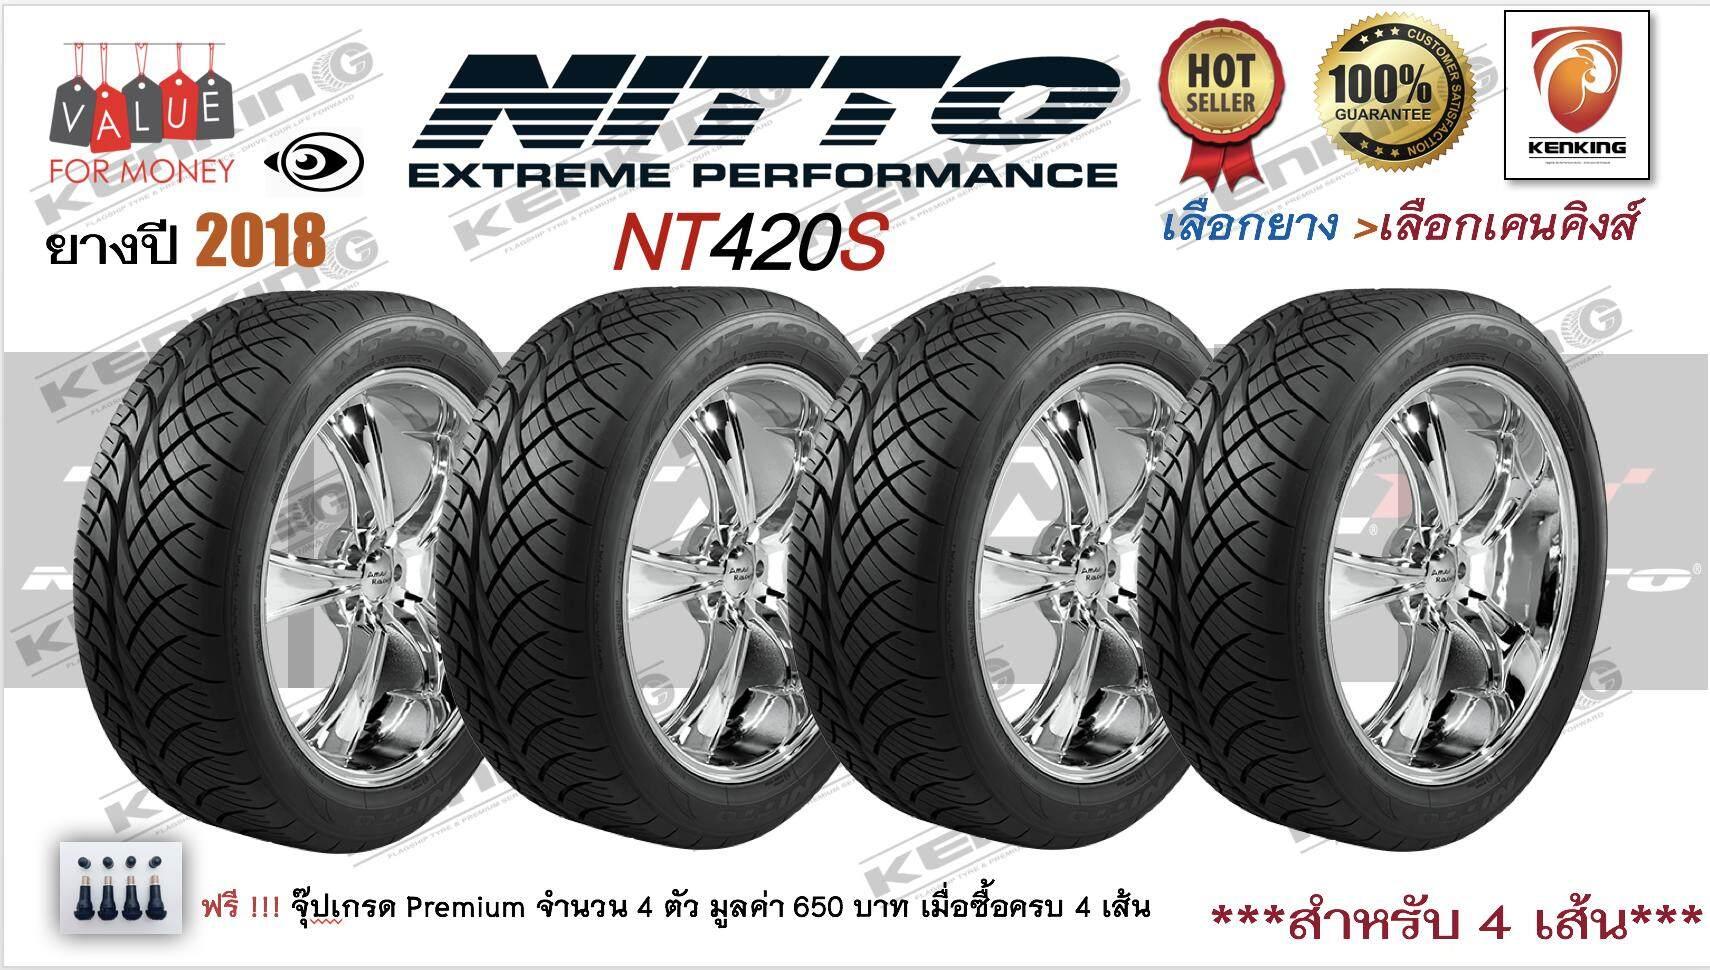 ส่วนลด  สงขลา ยางรถยนต์ขอบ18 Nitto 265/60 R18 รุ่น 420S ( 4 เส้น) FREE !! จุ๊ป PREMIUM BY KENKING POWER 650 บาท MADE IN JAPAN แท้ (ลิขสิทธิแท้รายเดียว)